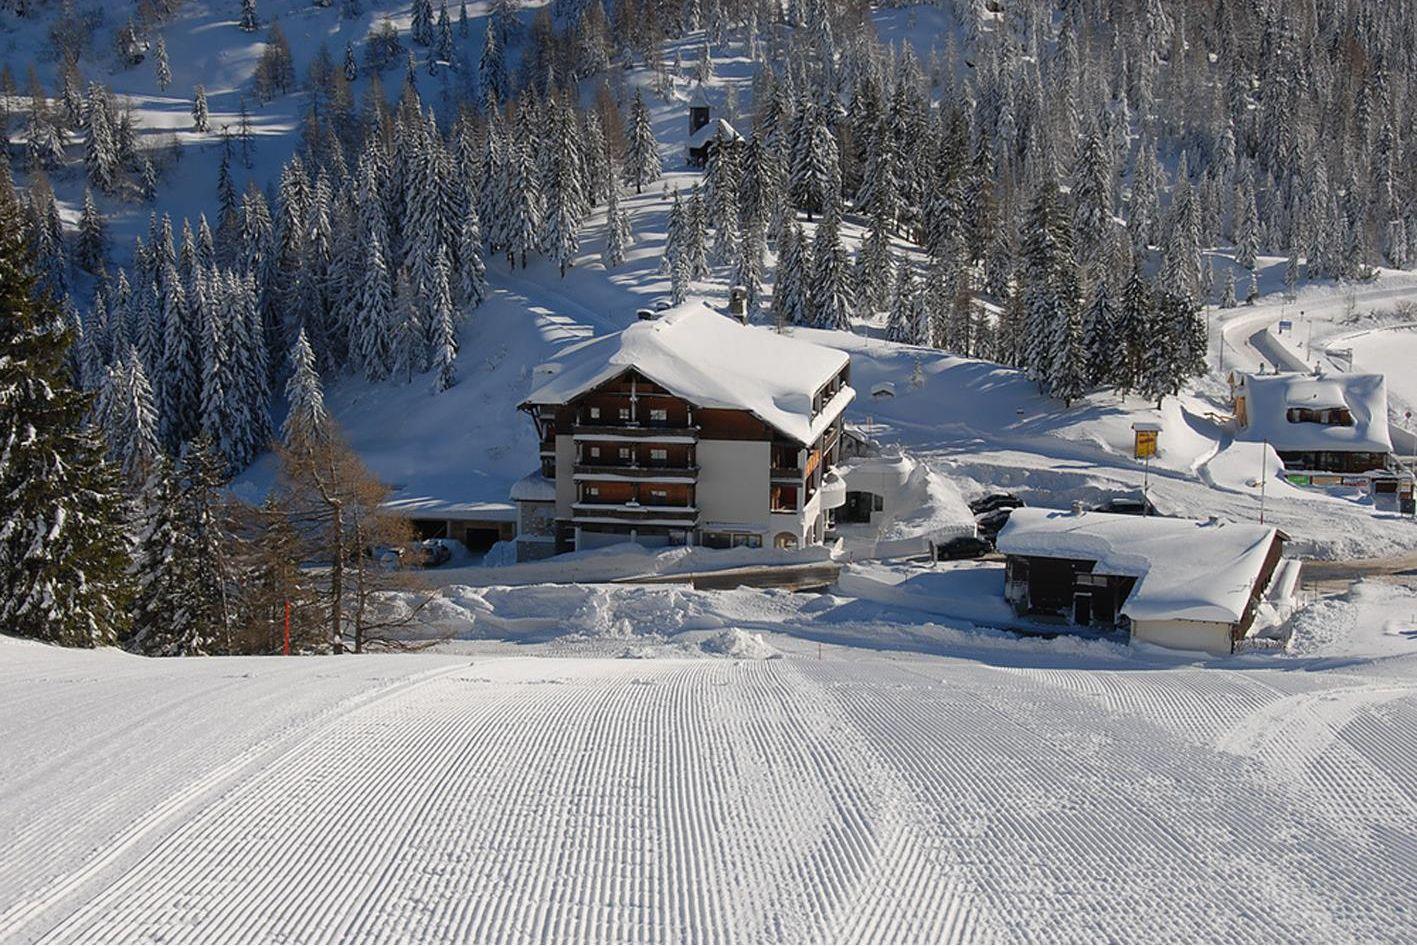 Hotel Berghof - Slide 1